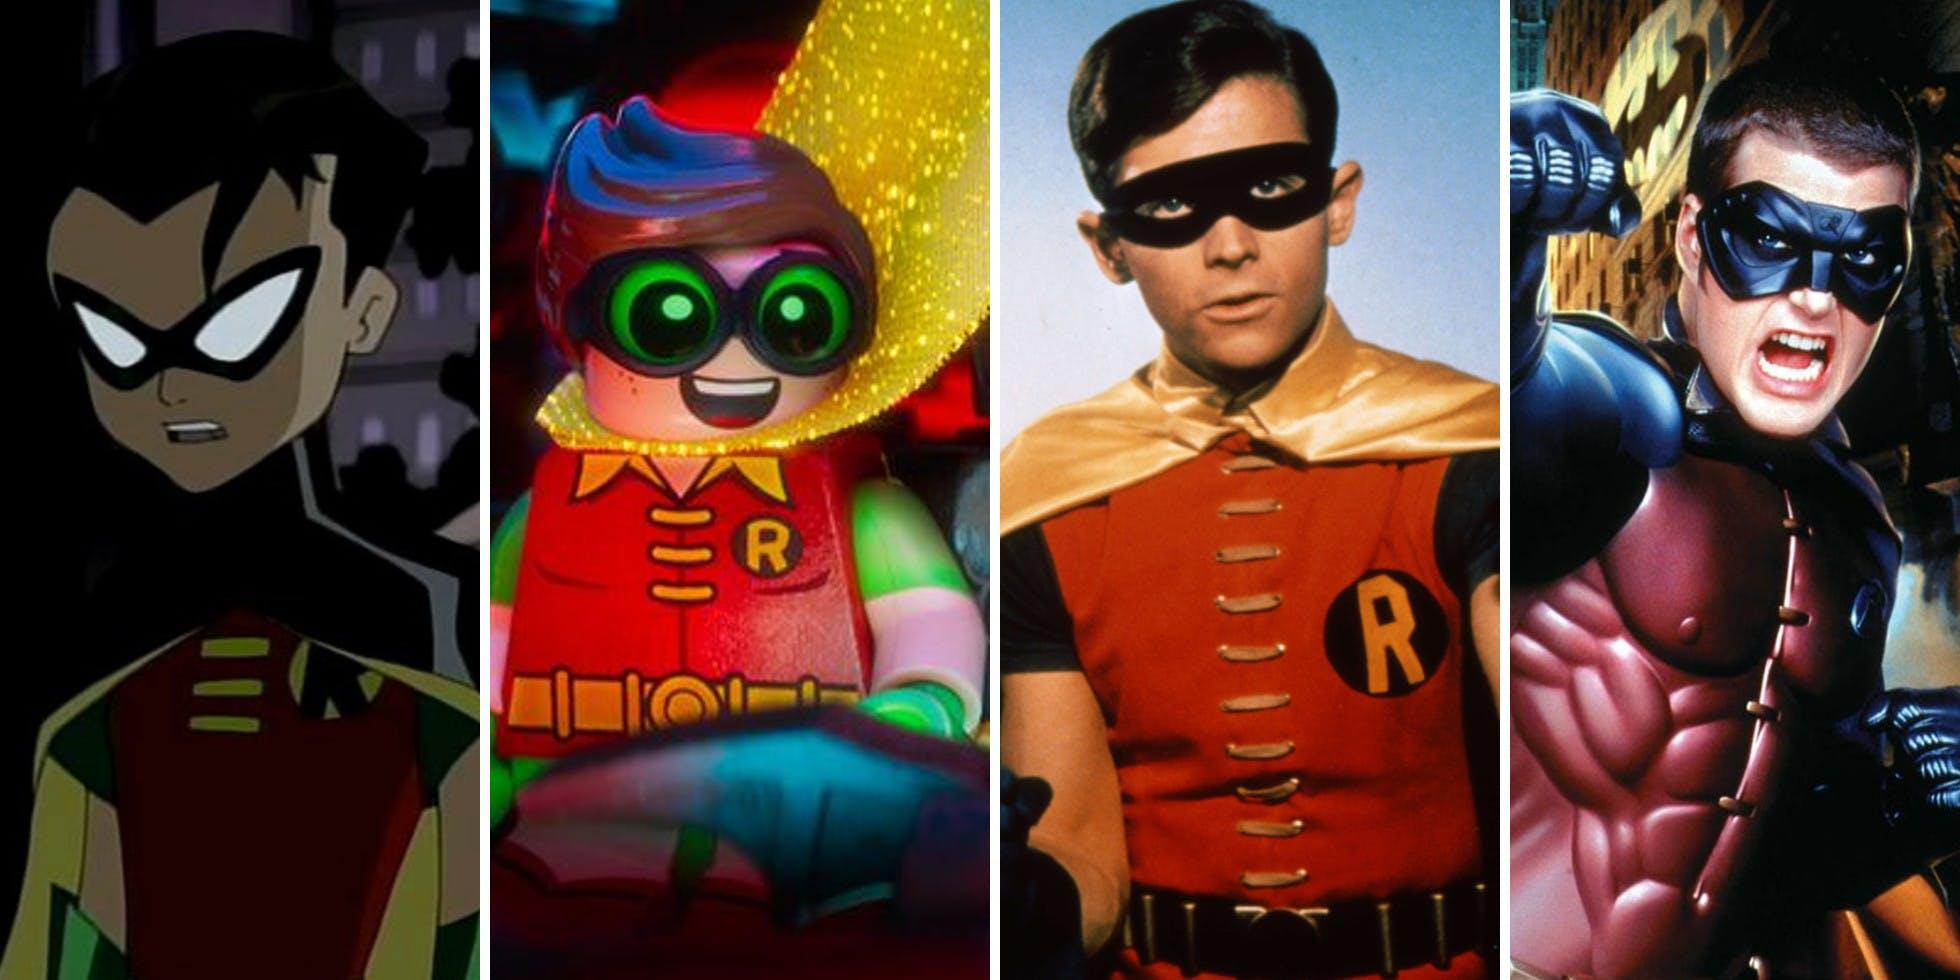 Robin in other media